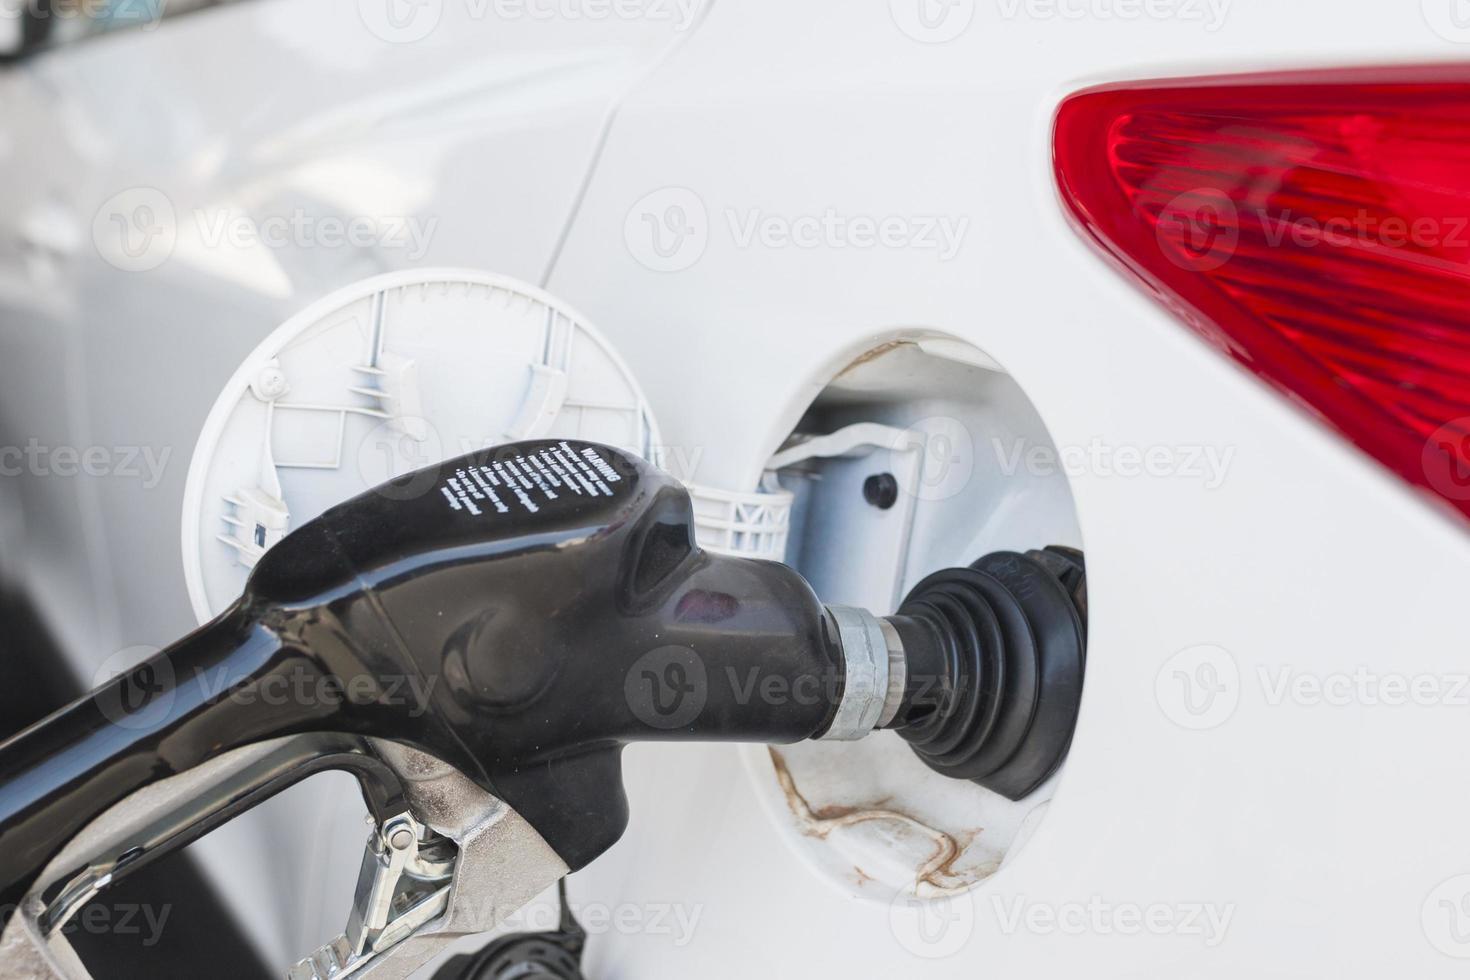 reabastecer o tanque do carro no posto de combustível foto